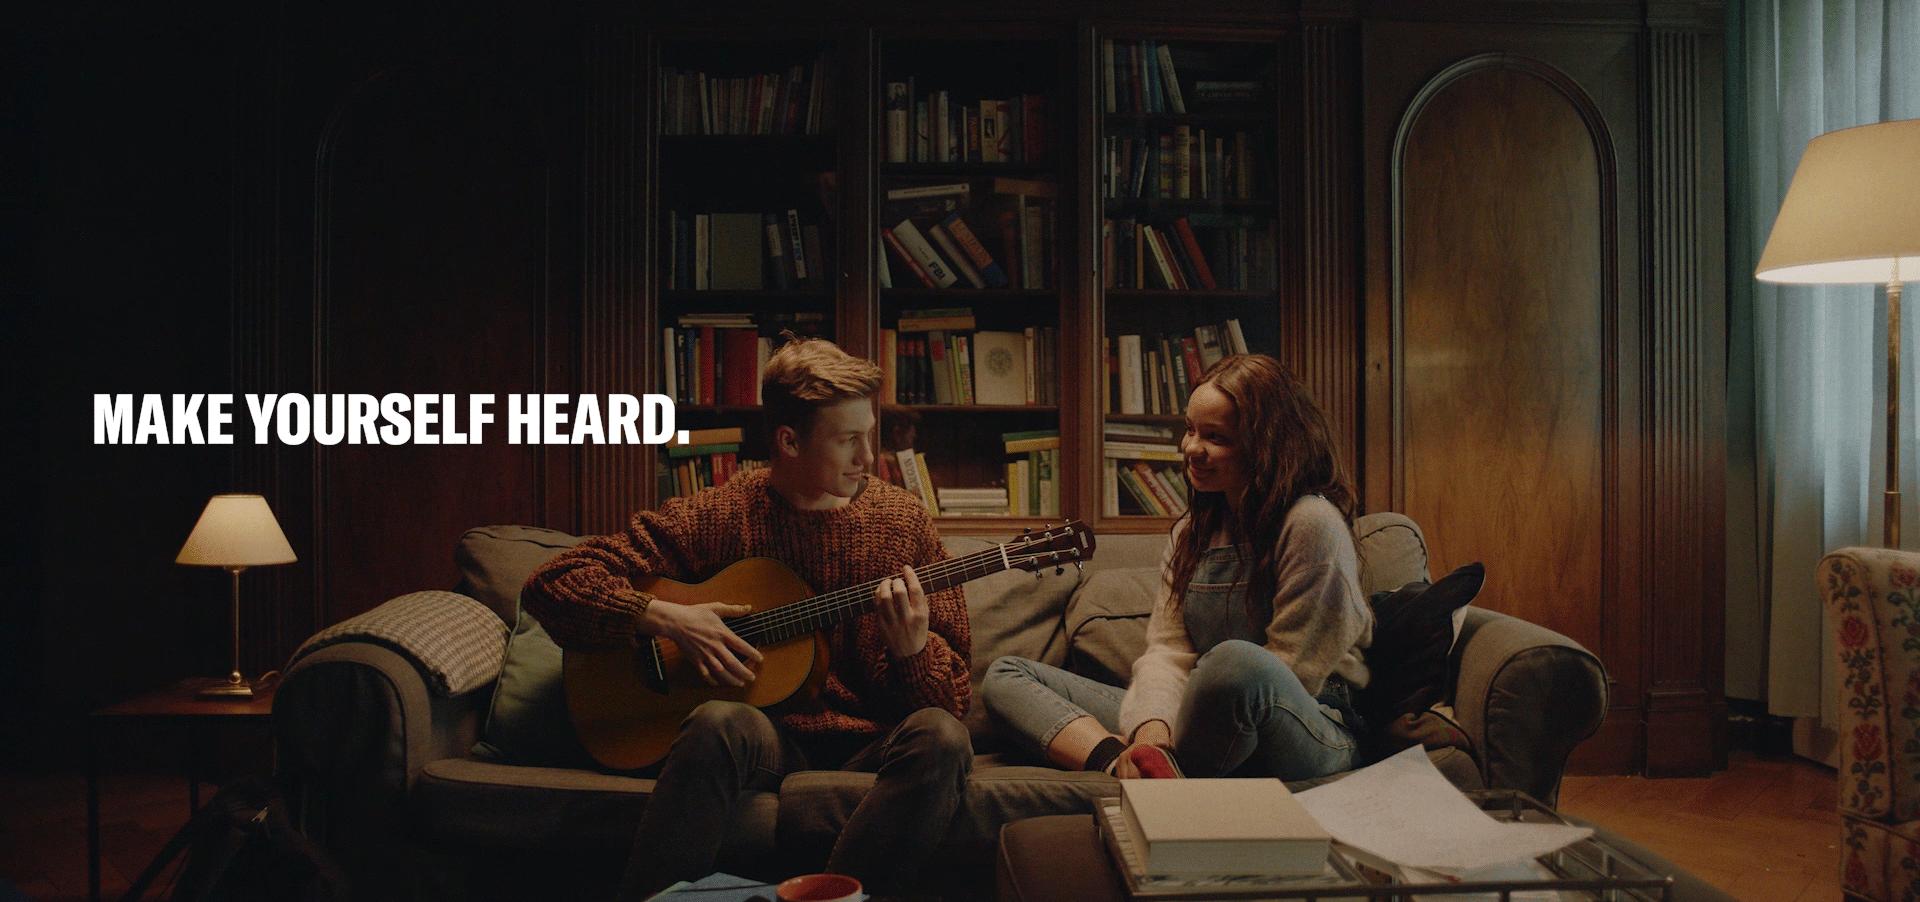 Junge spielt Gitarre und sitzt auf Sofa mit Mädchen